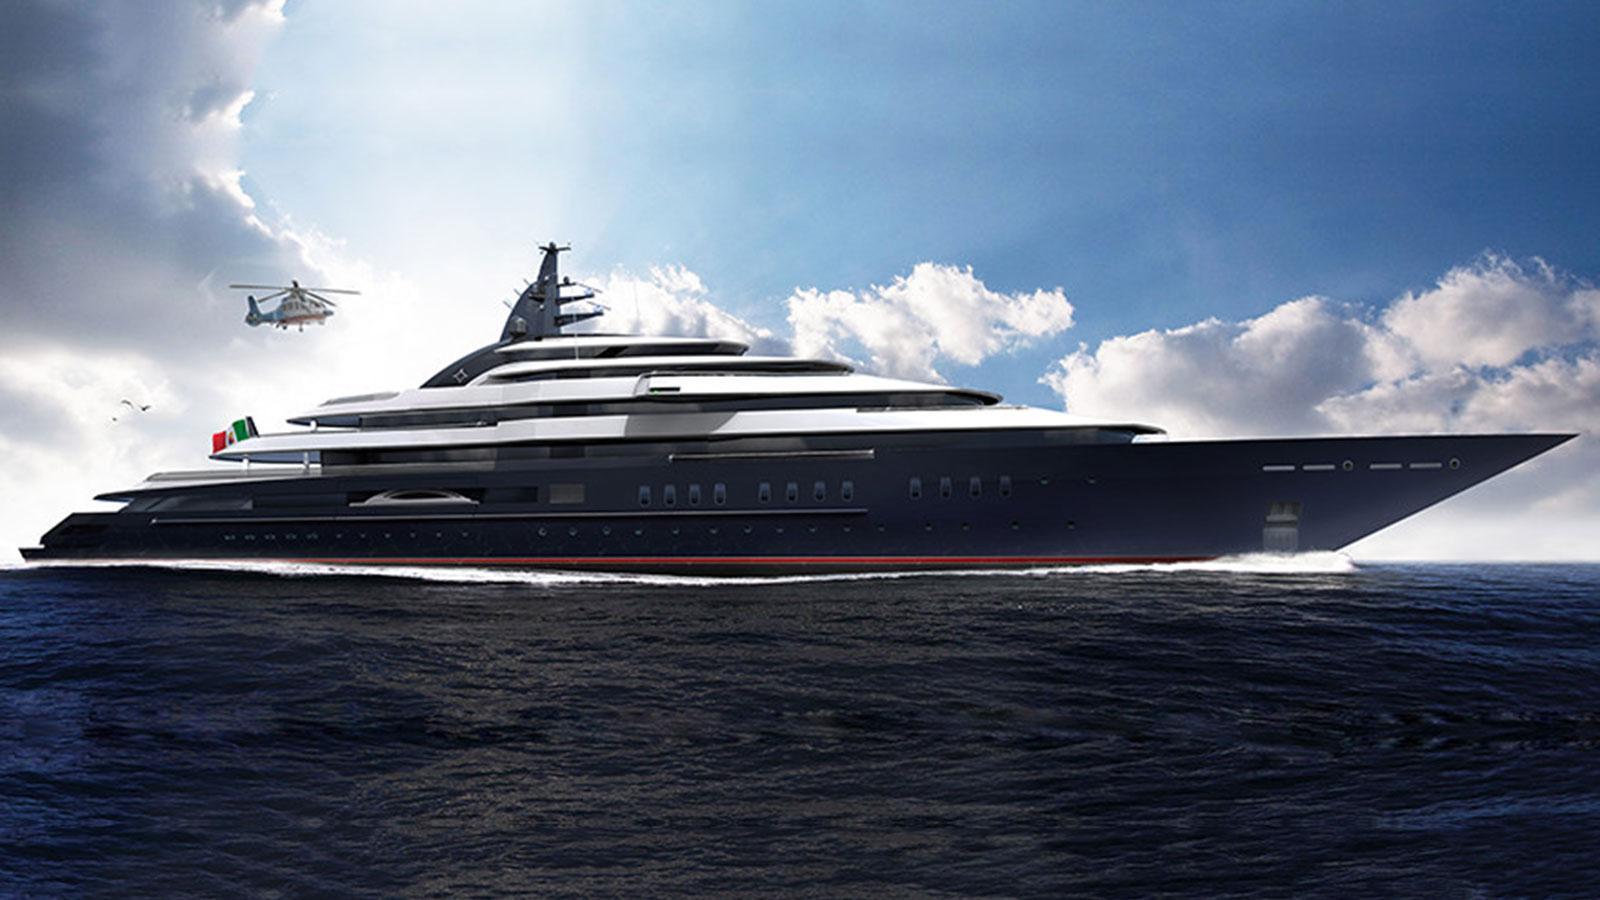 Il fondatore di Amazon in vacanza in Sicilia, il mega yacht di Jeff Bezos alle Eolie